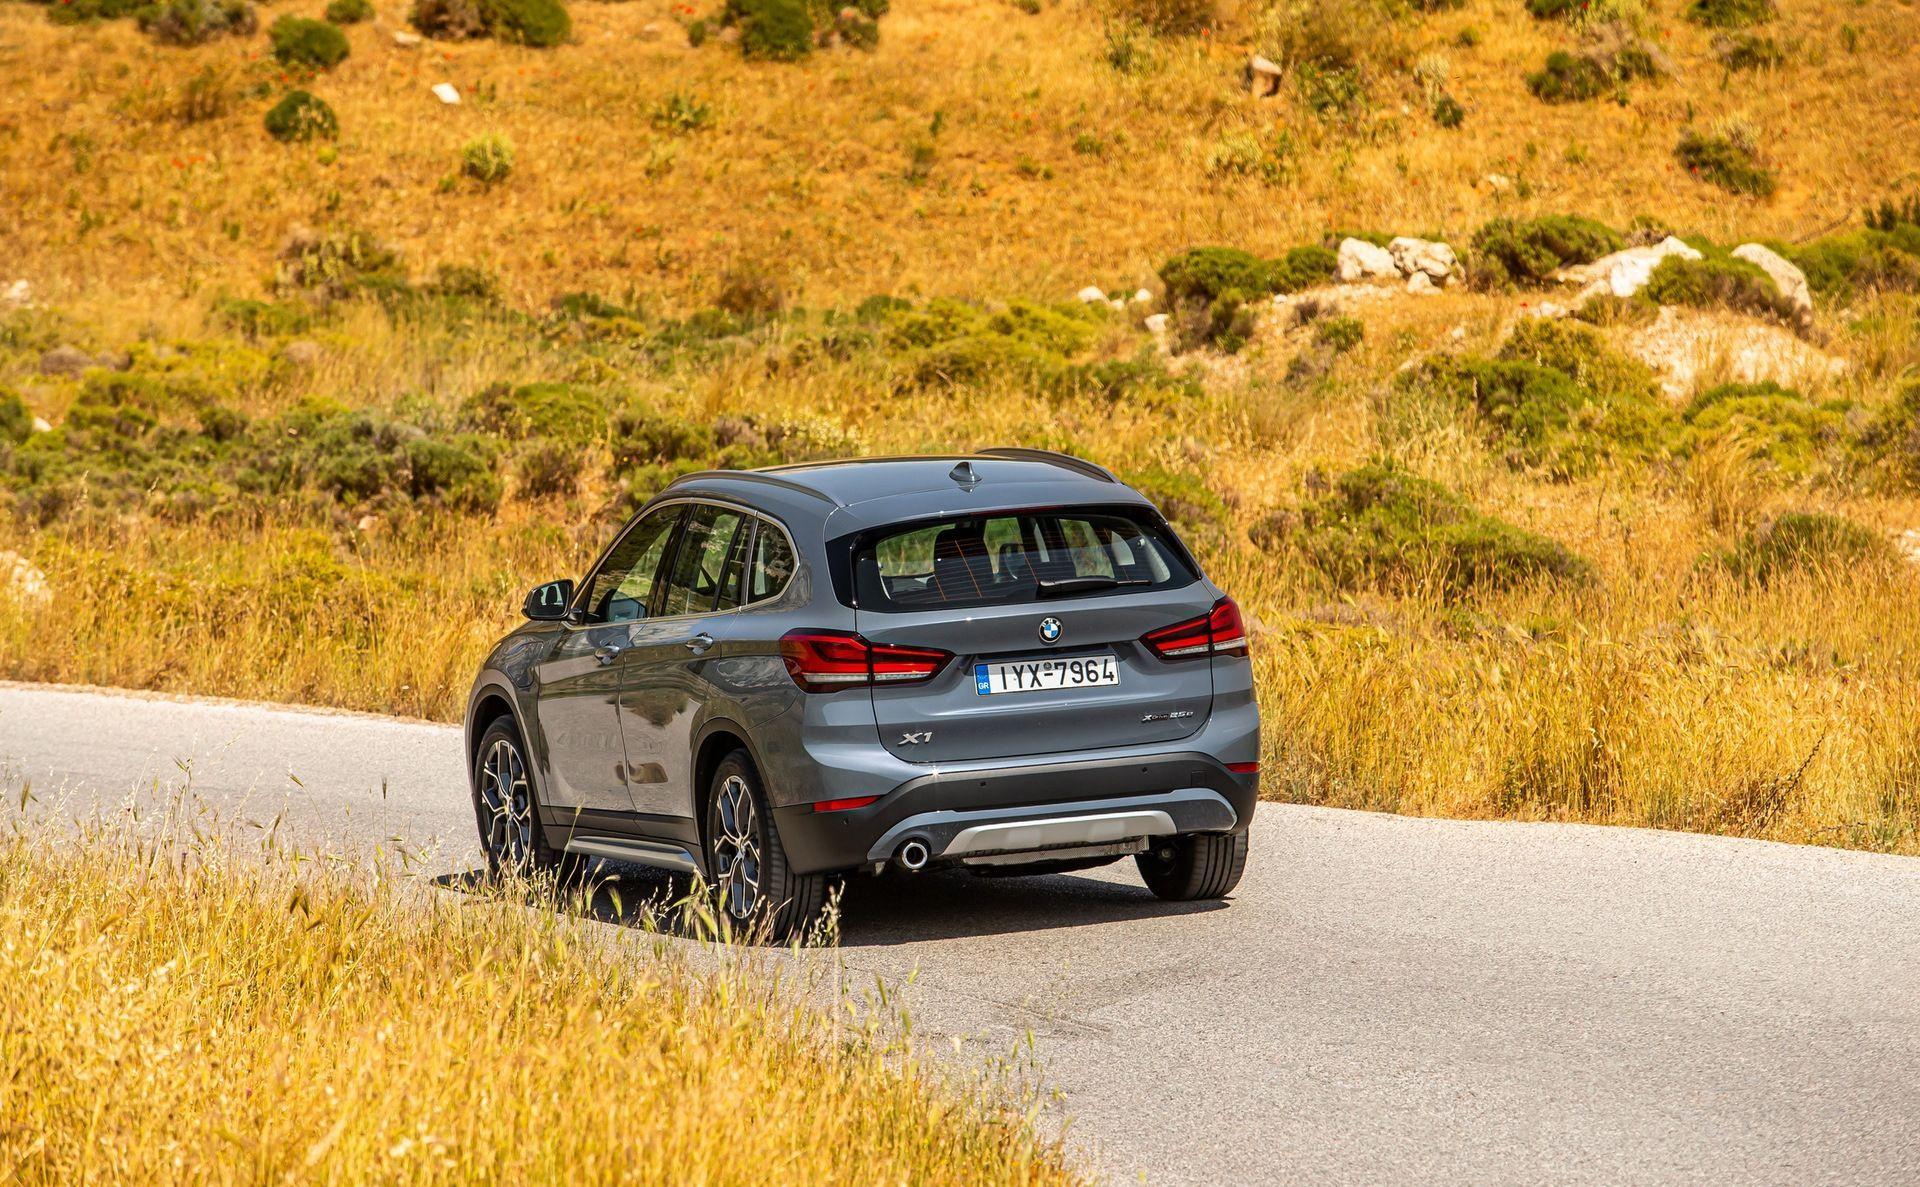 BMW_X1_xDrive25e_Greek_0004